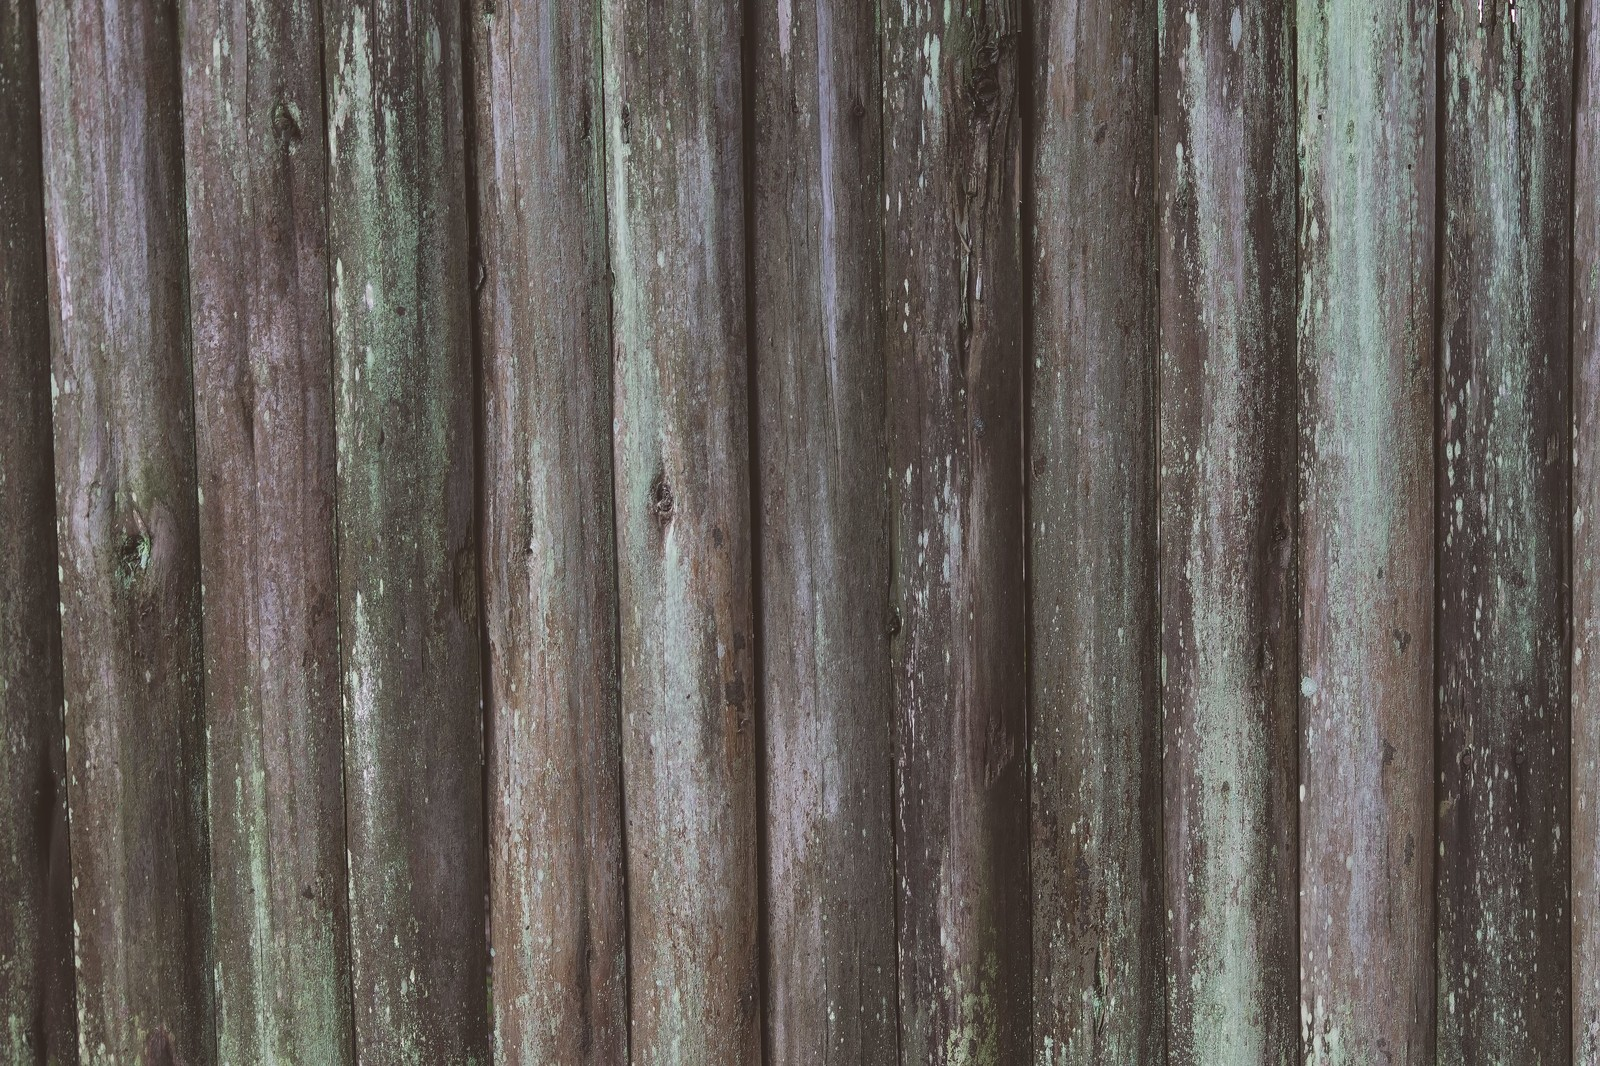 「コケの生えた板(テクスチャー)コケの生えた板(テクスチャー)」のフリー写真素材を拡大